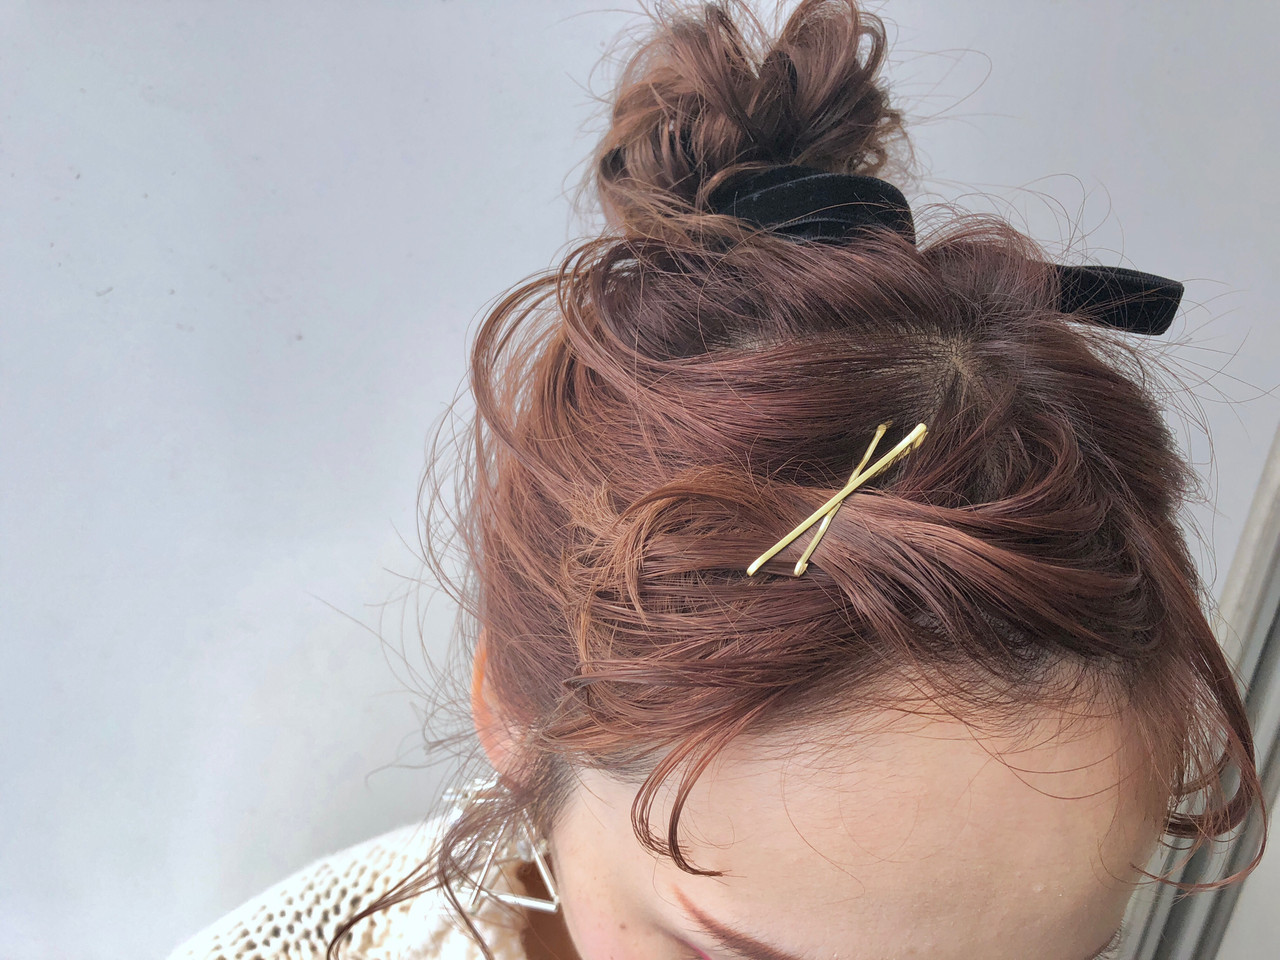 前髪にアクセントのゴールドピン takashi cawamura  HAIR & MAKE•UP TAXI